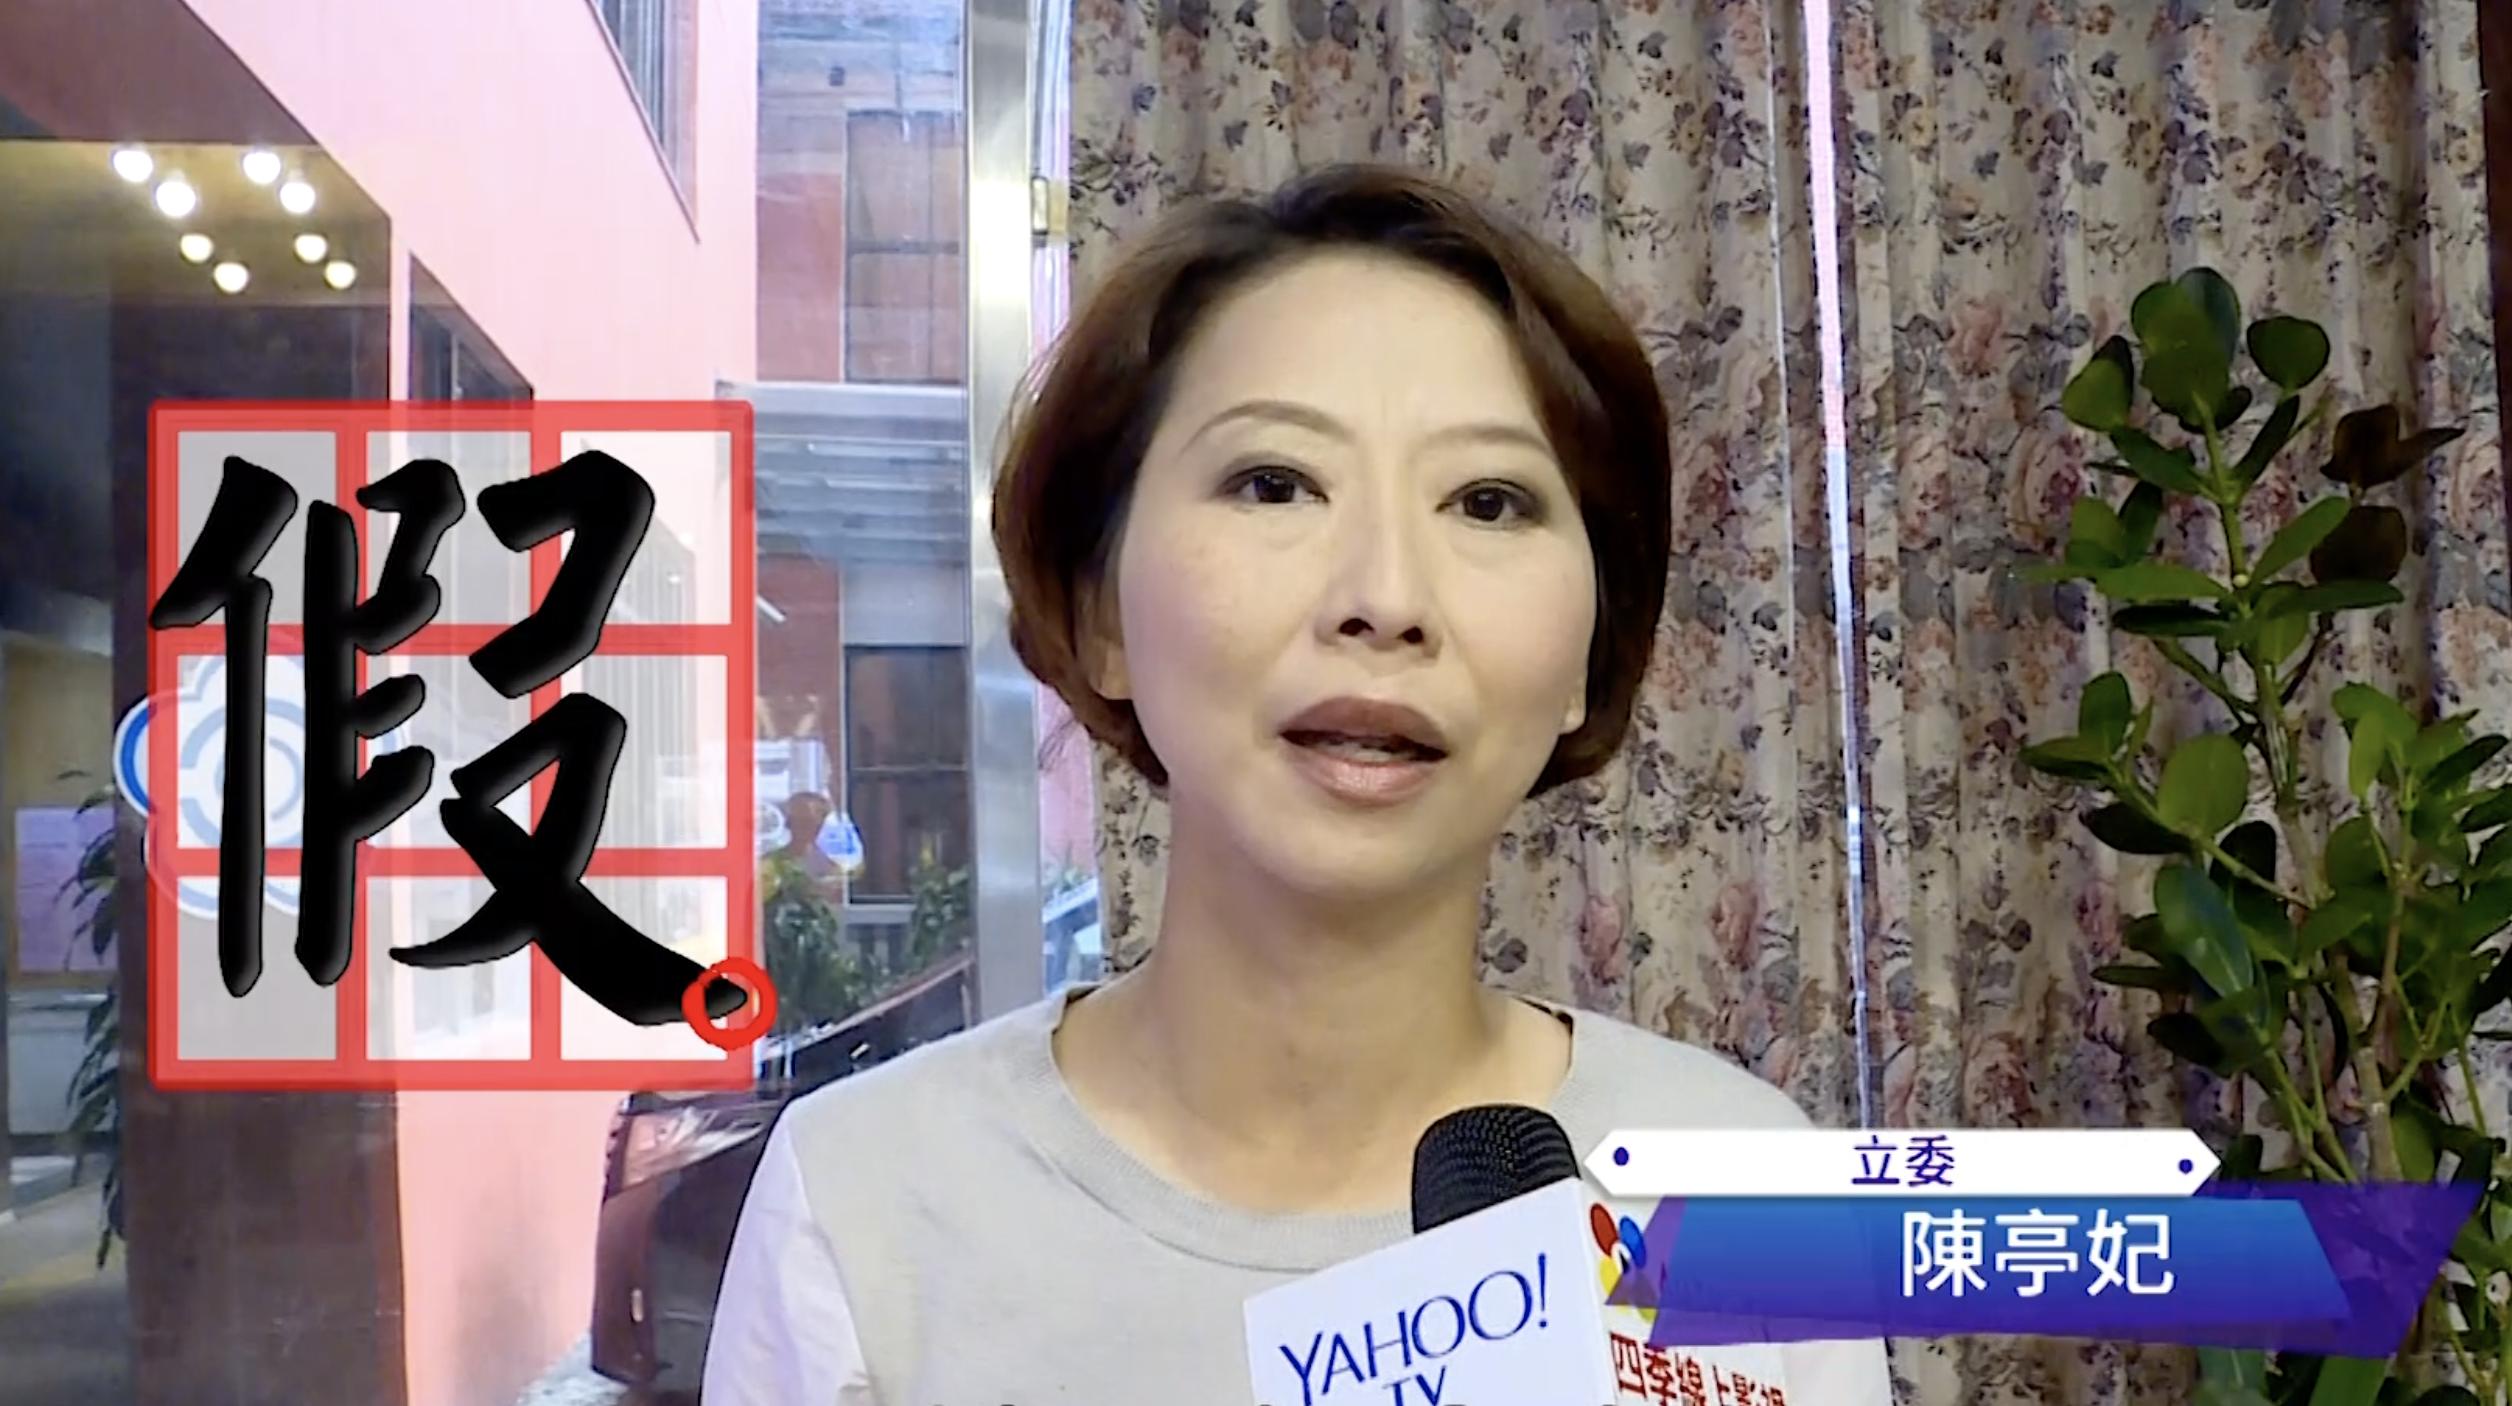 民進黨立委選2018代表字   「假」字登寶座